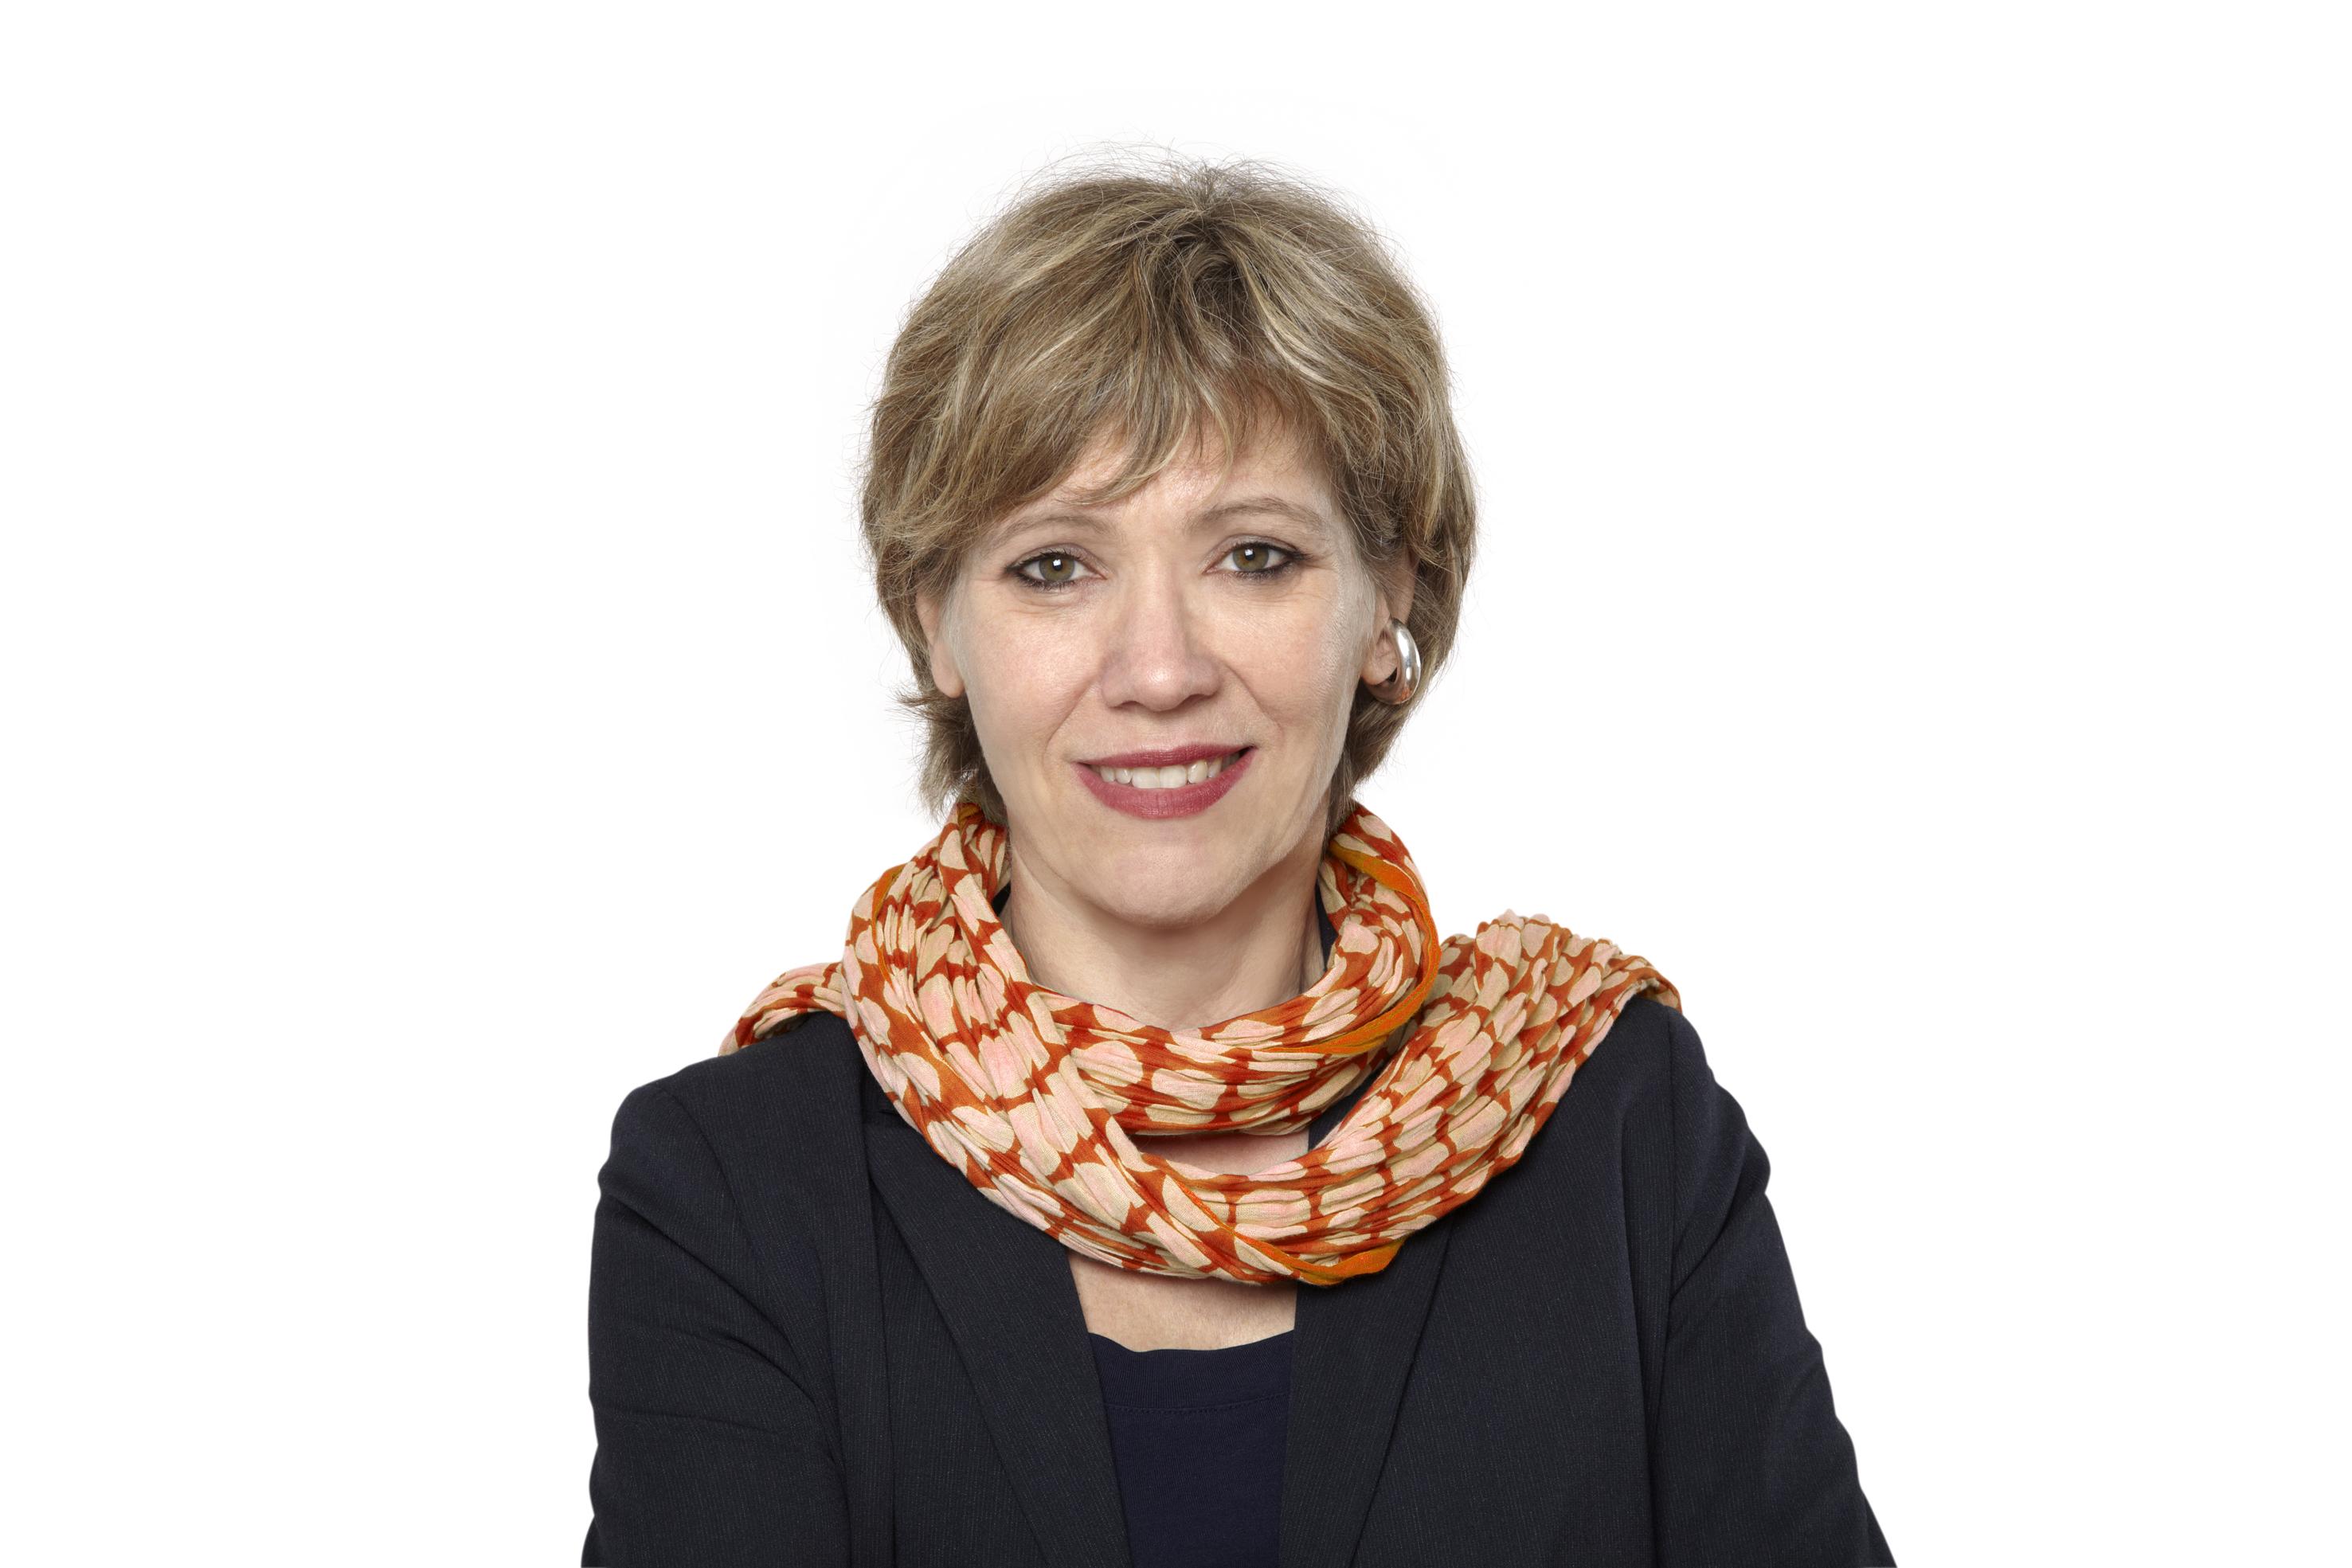 Kommunalpolitikerinnen im Fokus - Daniela Schneckenburger